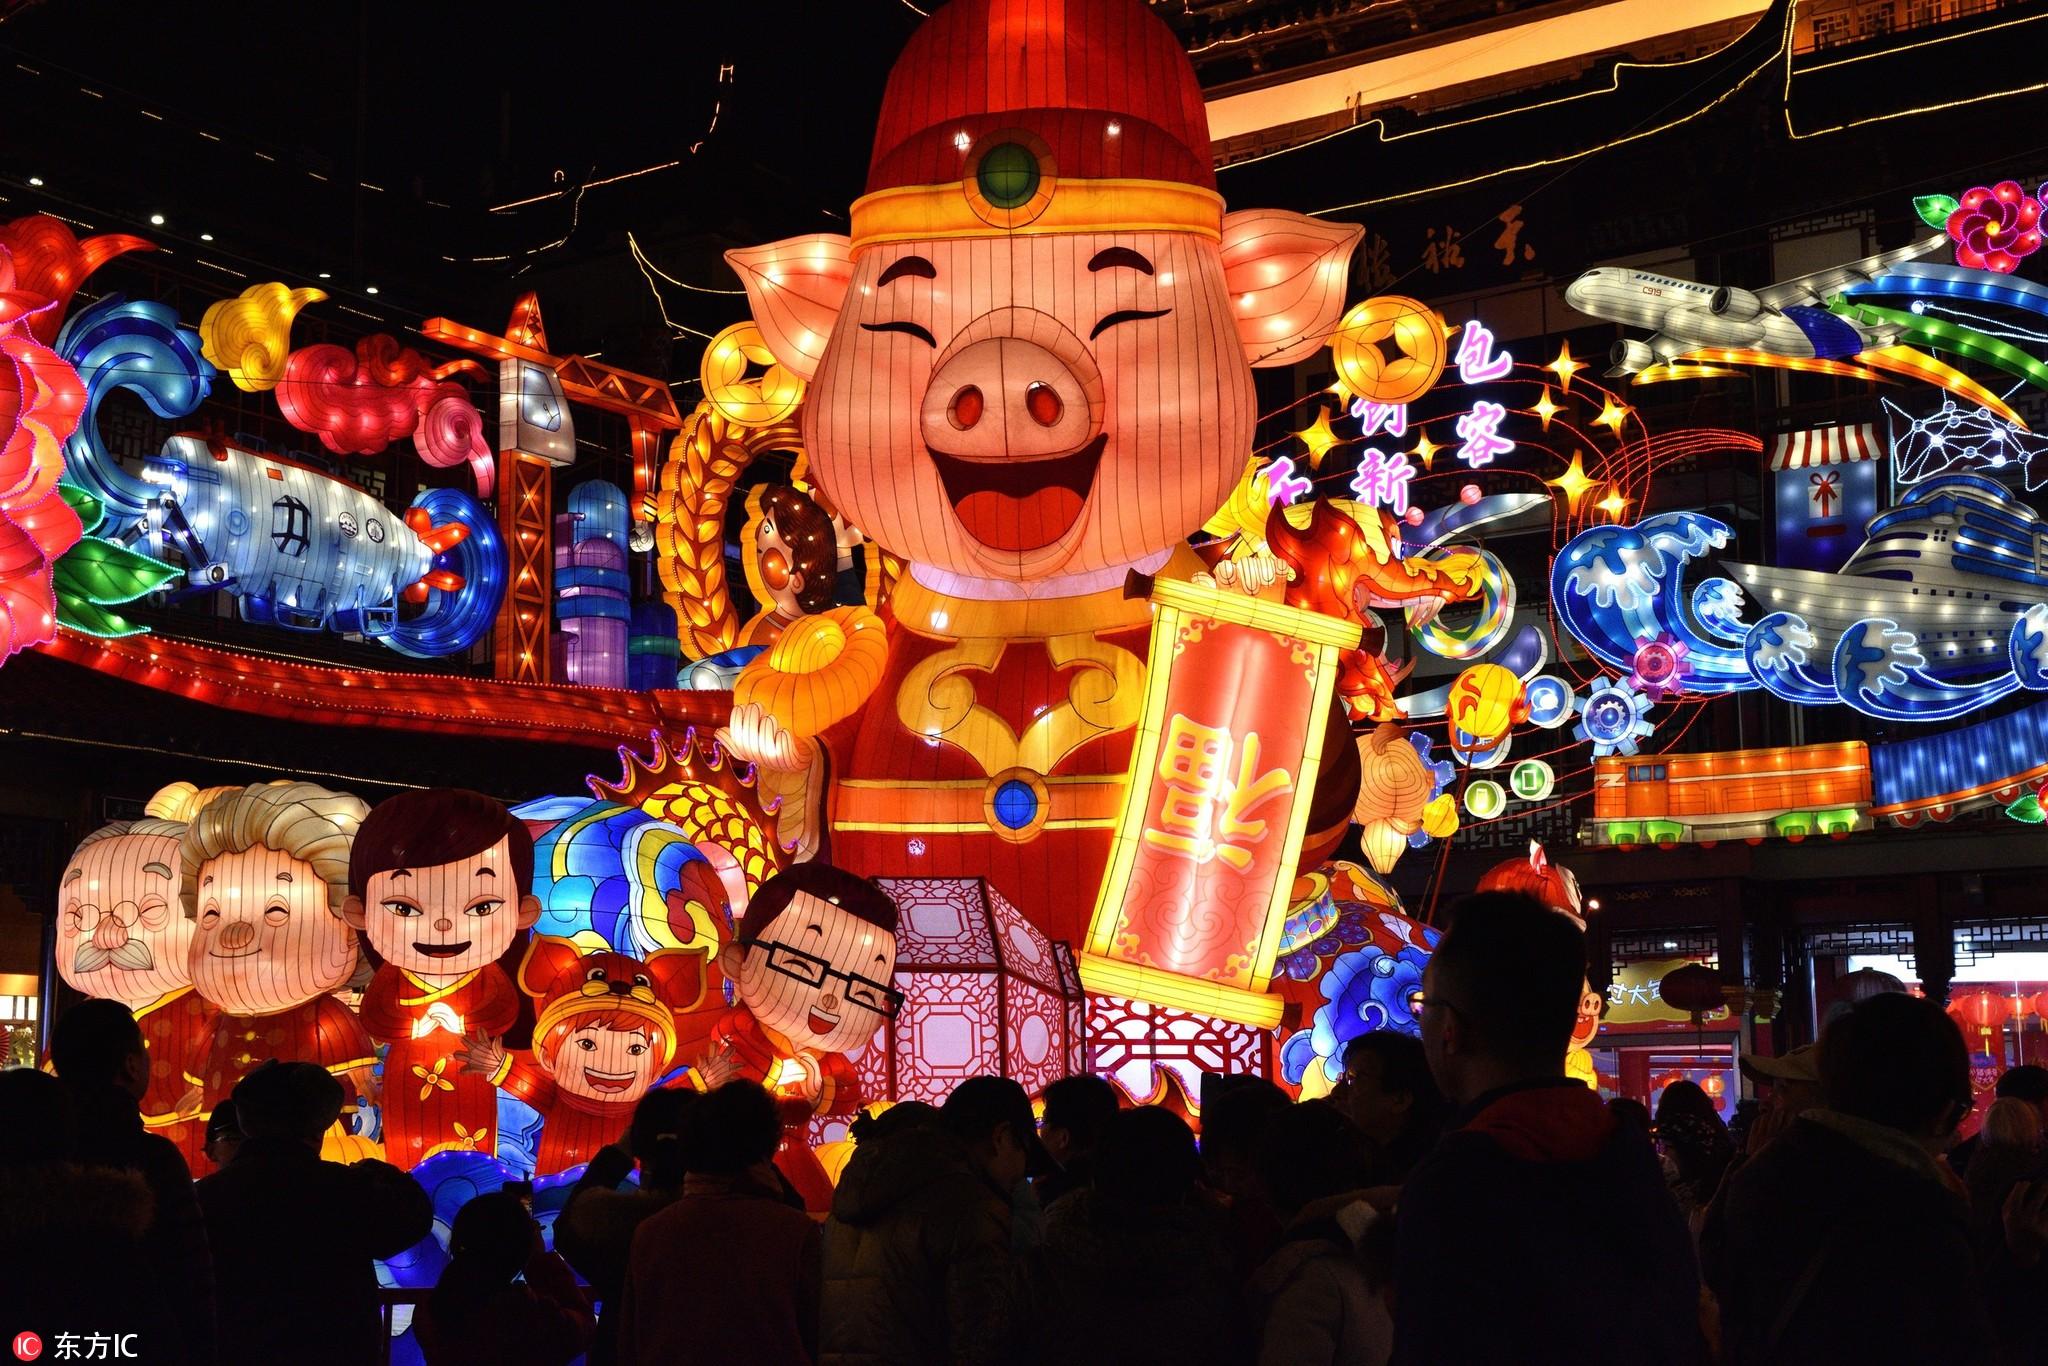 上海豫园灯会震撼开放!大部分时间免费!